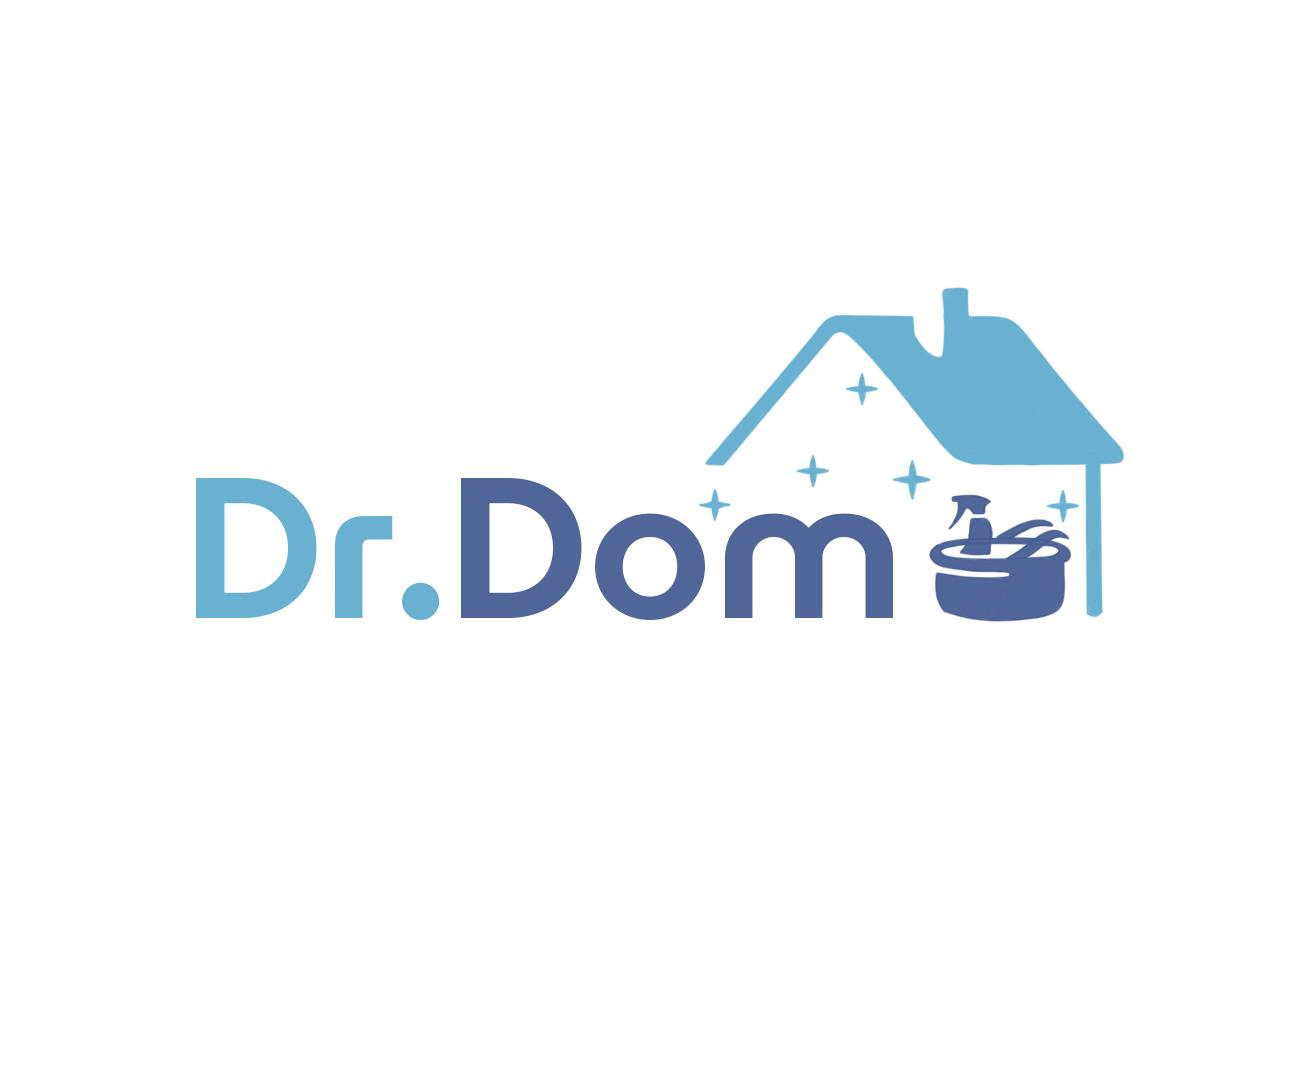 Разработать логотип для сети магазинов бытовой химии и товаров для уборки фото f_1476009401ee38dd.png